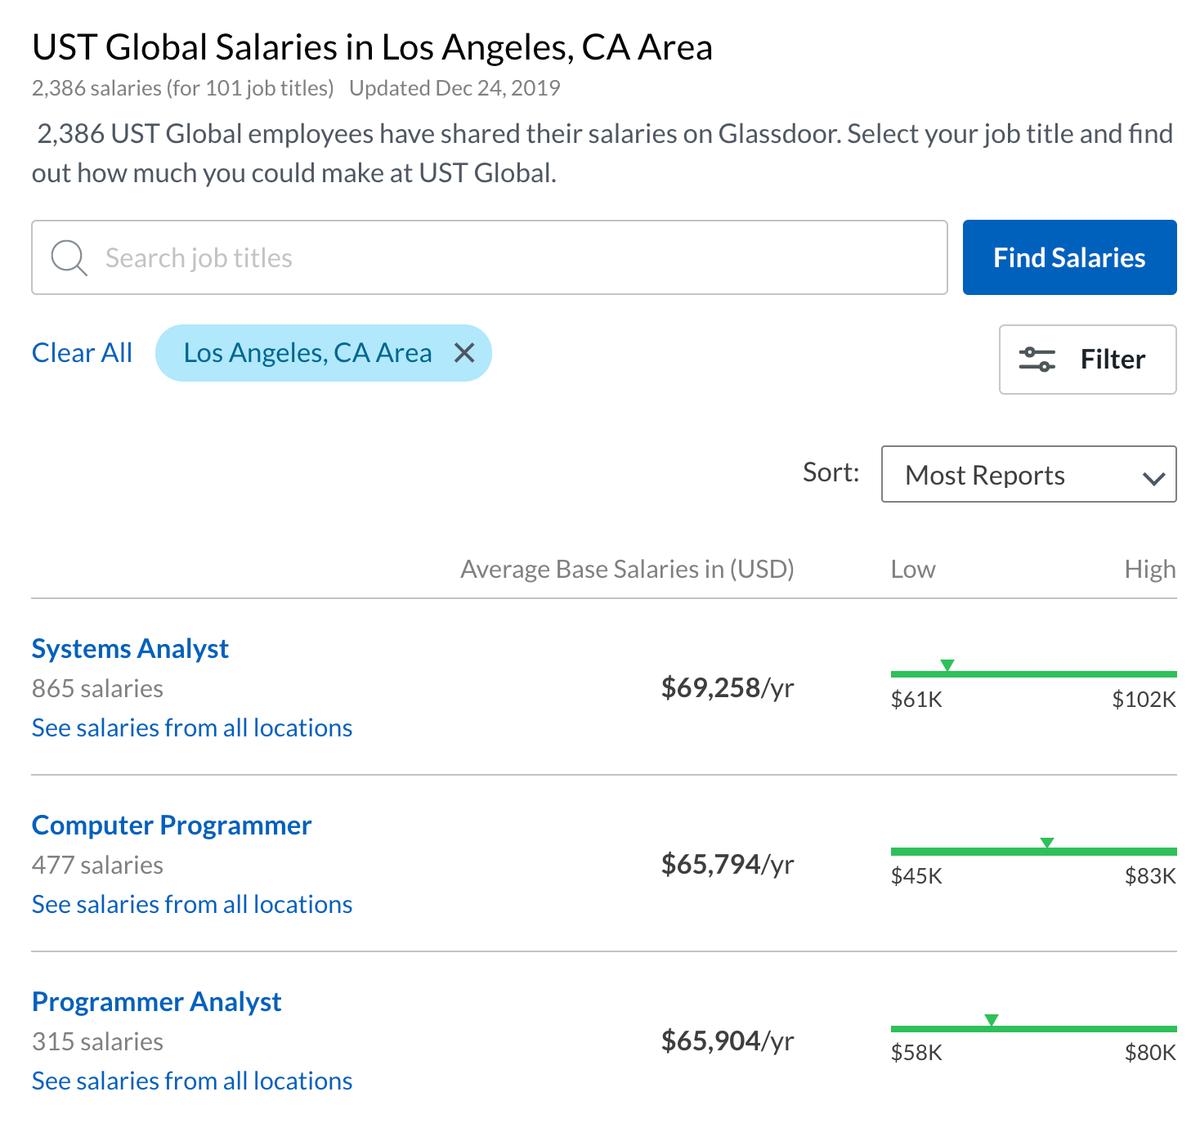 Годовые зарплаты разработчиков и аналитиков в компании UST, по данным сайта Glassdoor